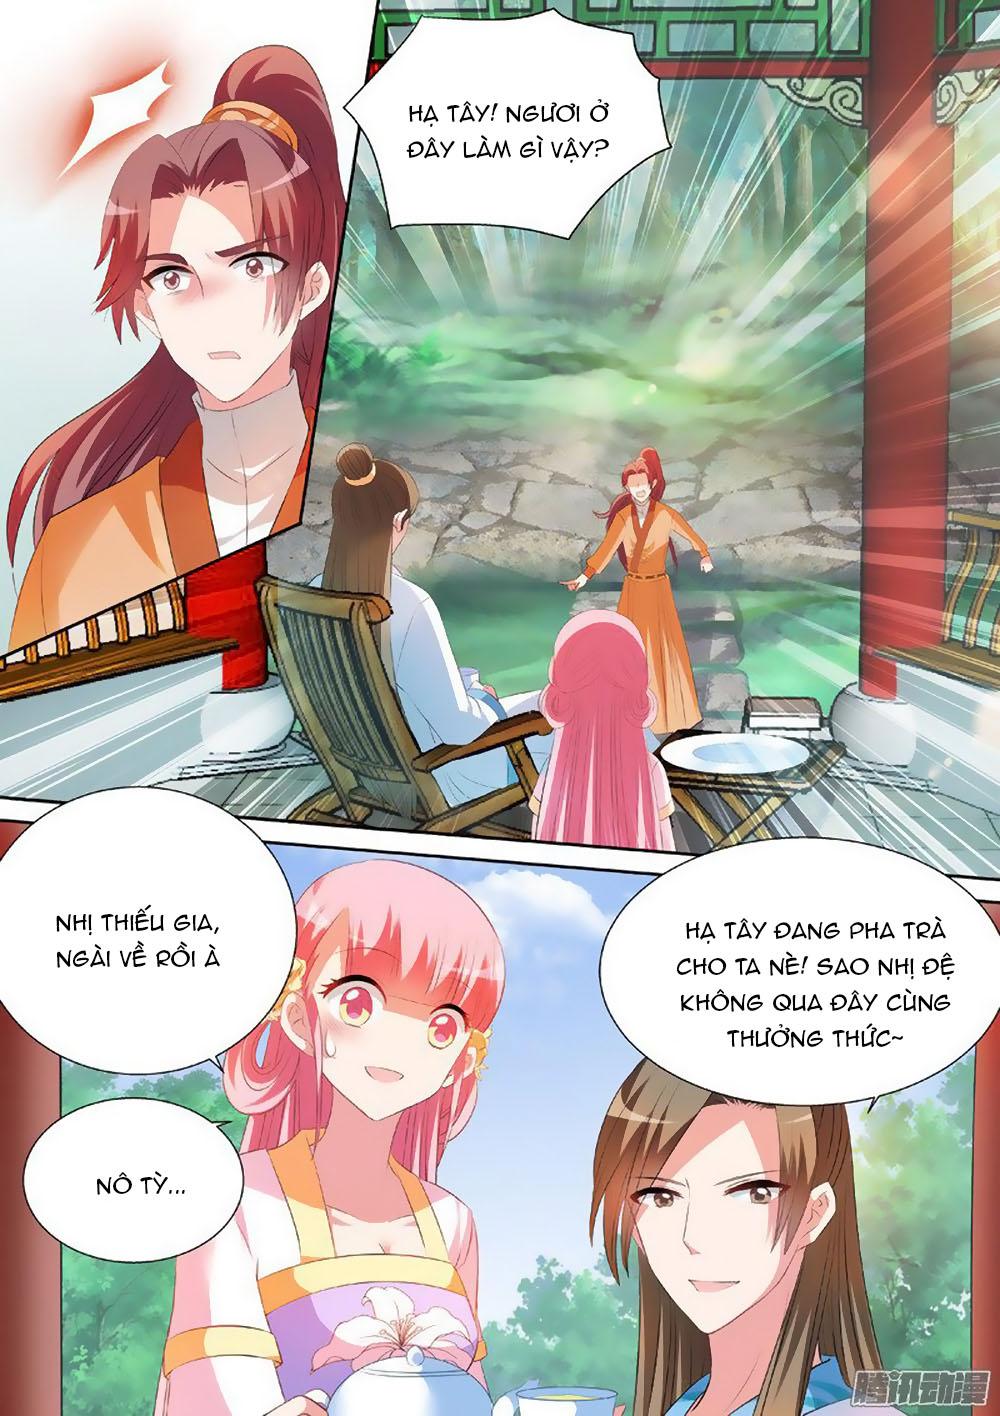 Hệ Thống Chế Tạo Nữ Thần chap 27 - Trang 7